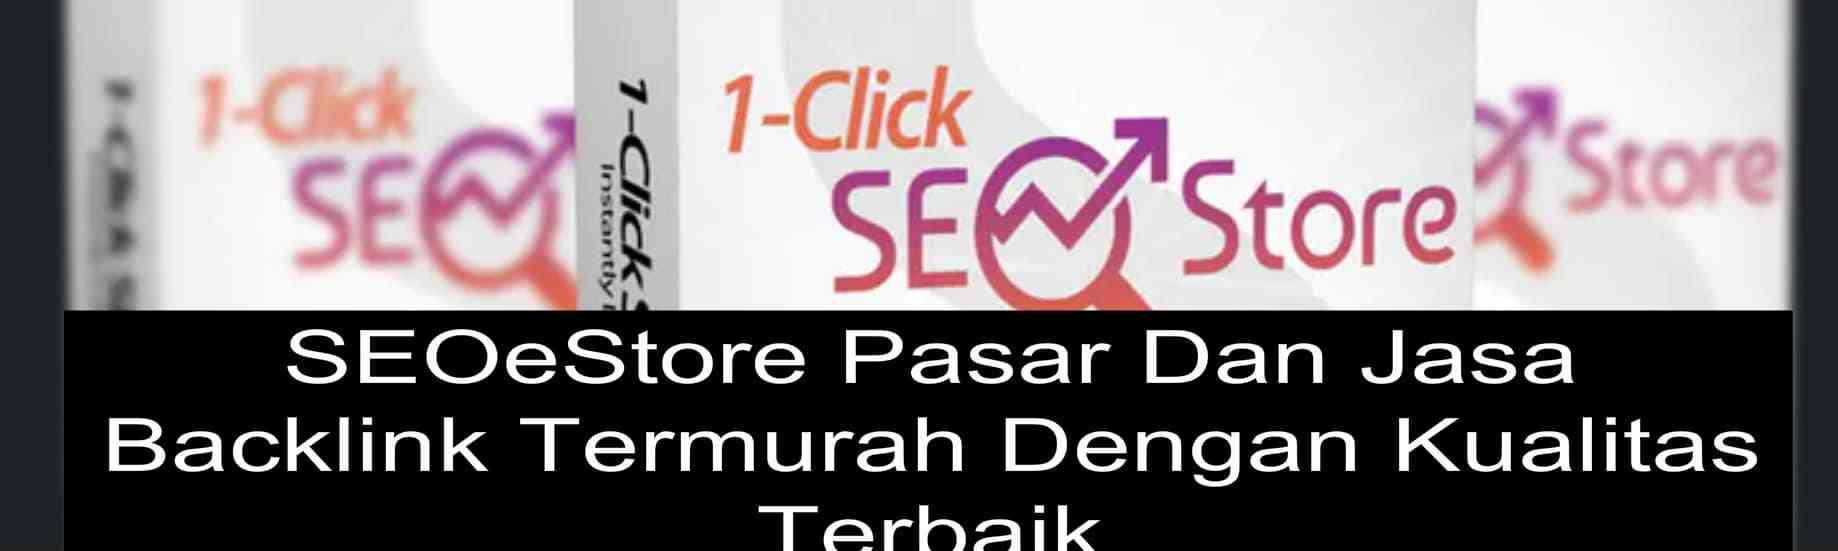 SEOeStore Pasar Dan Jasa Backlink Termurah Dengan Kualitas Terbaik